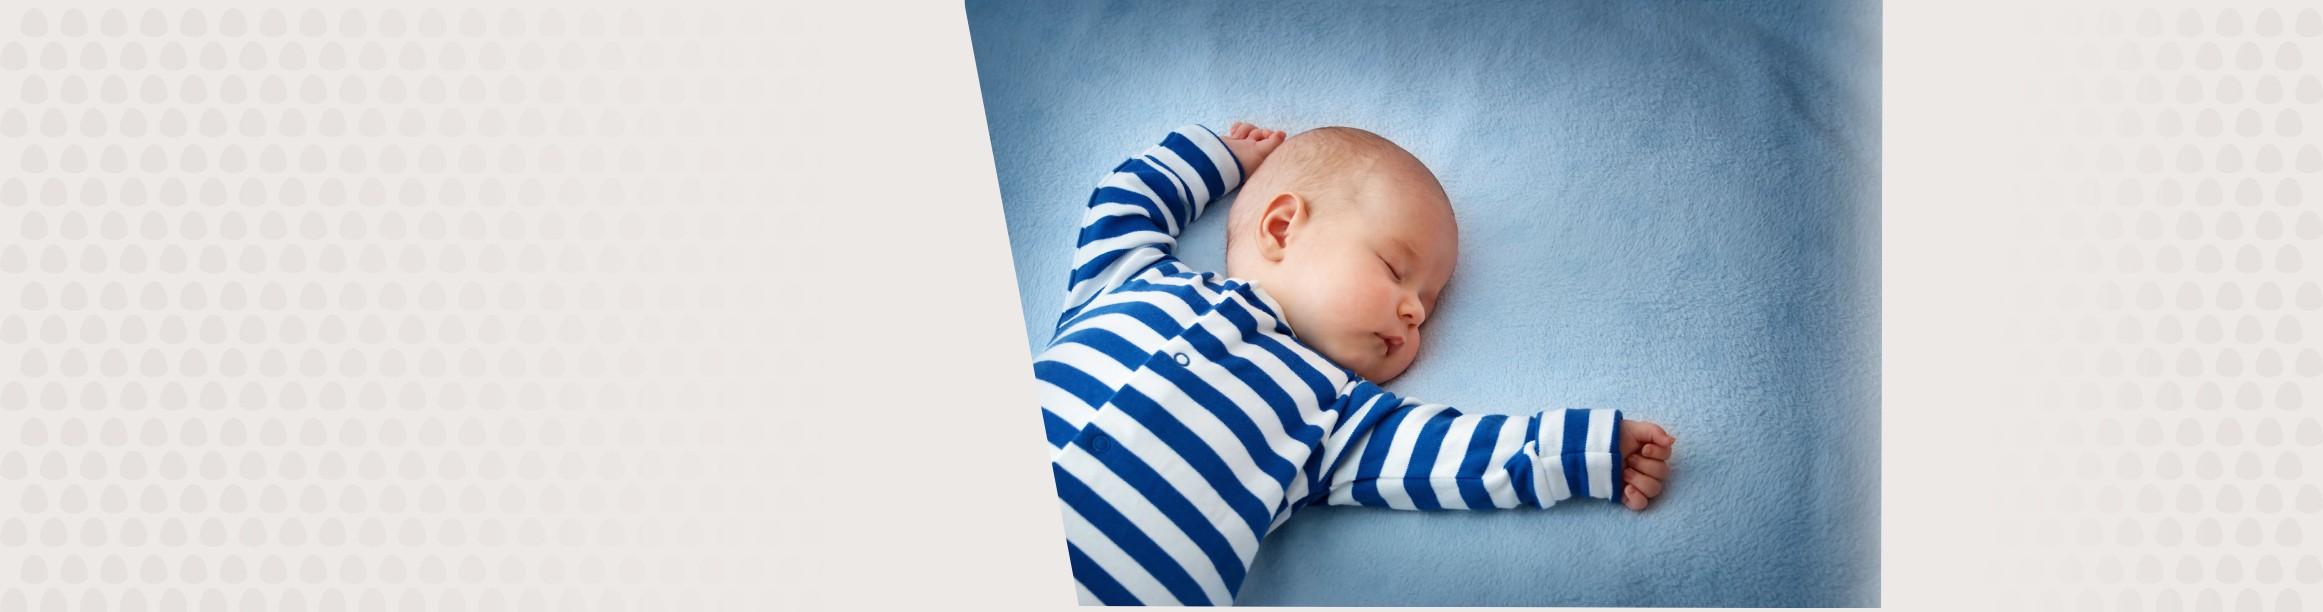 Un berceau naturel, original et recyclable! MARMOTT' s'engage pour la sécurité et le bien-être de l'enfant; la babybox MARMOTT est un berceau aux normes et respectueux de l'environnement.